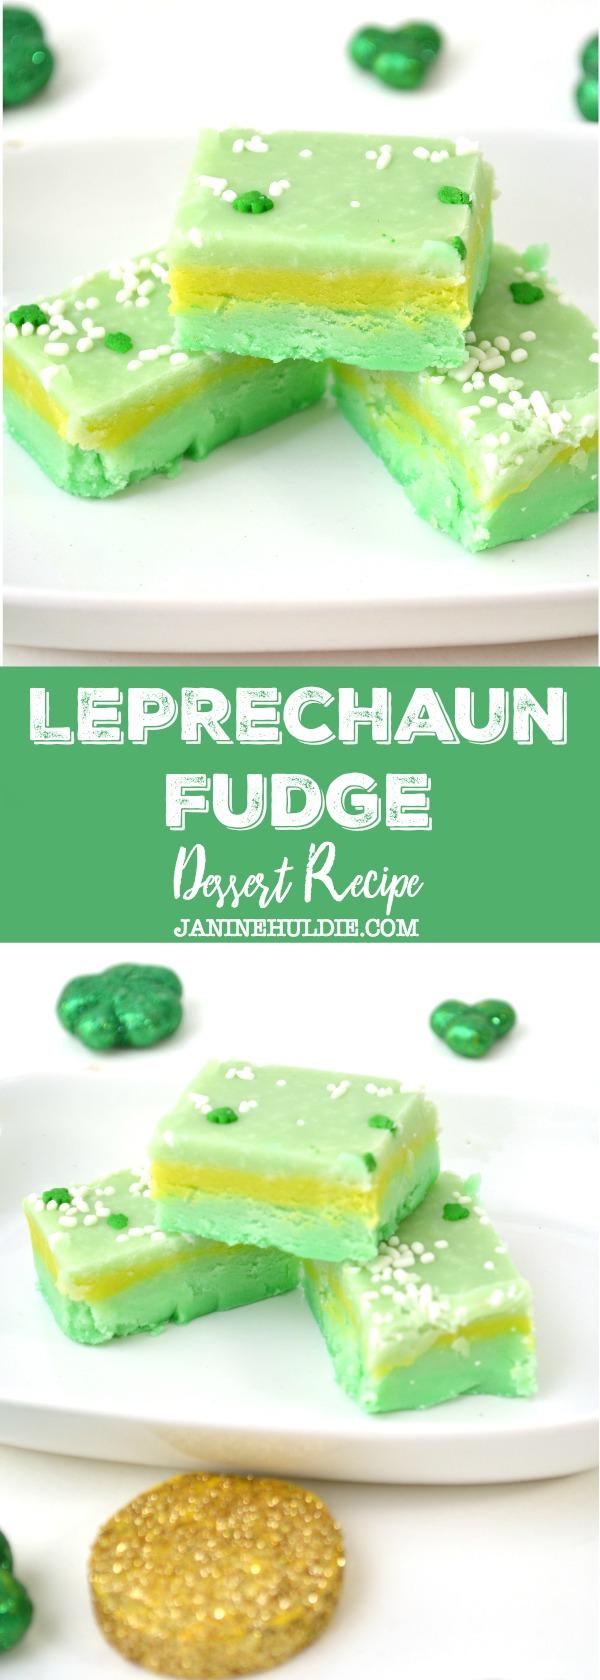 Leprechaun Fudge, This Mom's Confessions